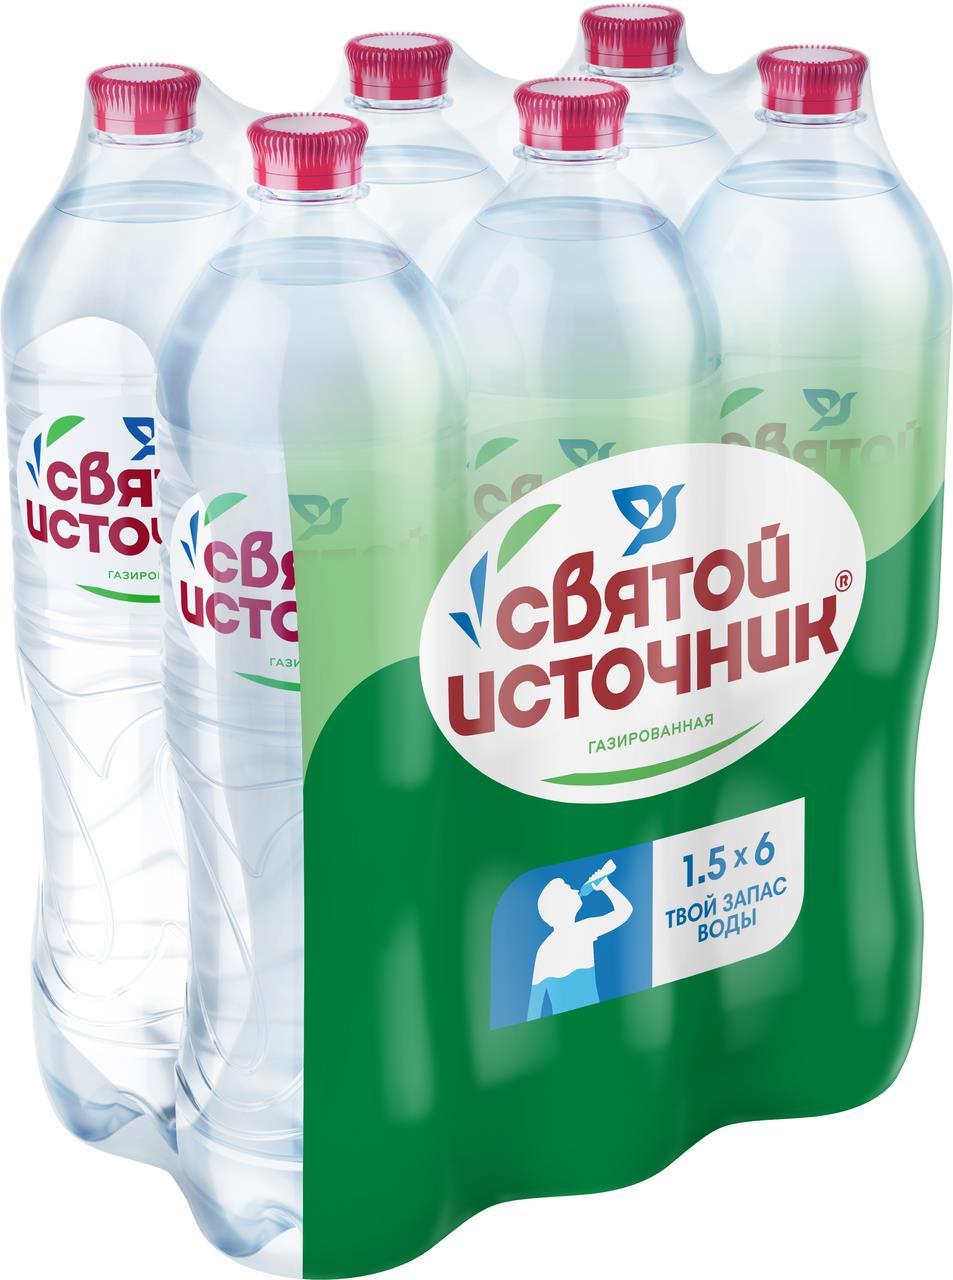 Питьевая вода СВЯТОЙ ИСТОЧНИК газированная, 1,5л